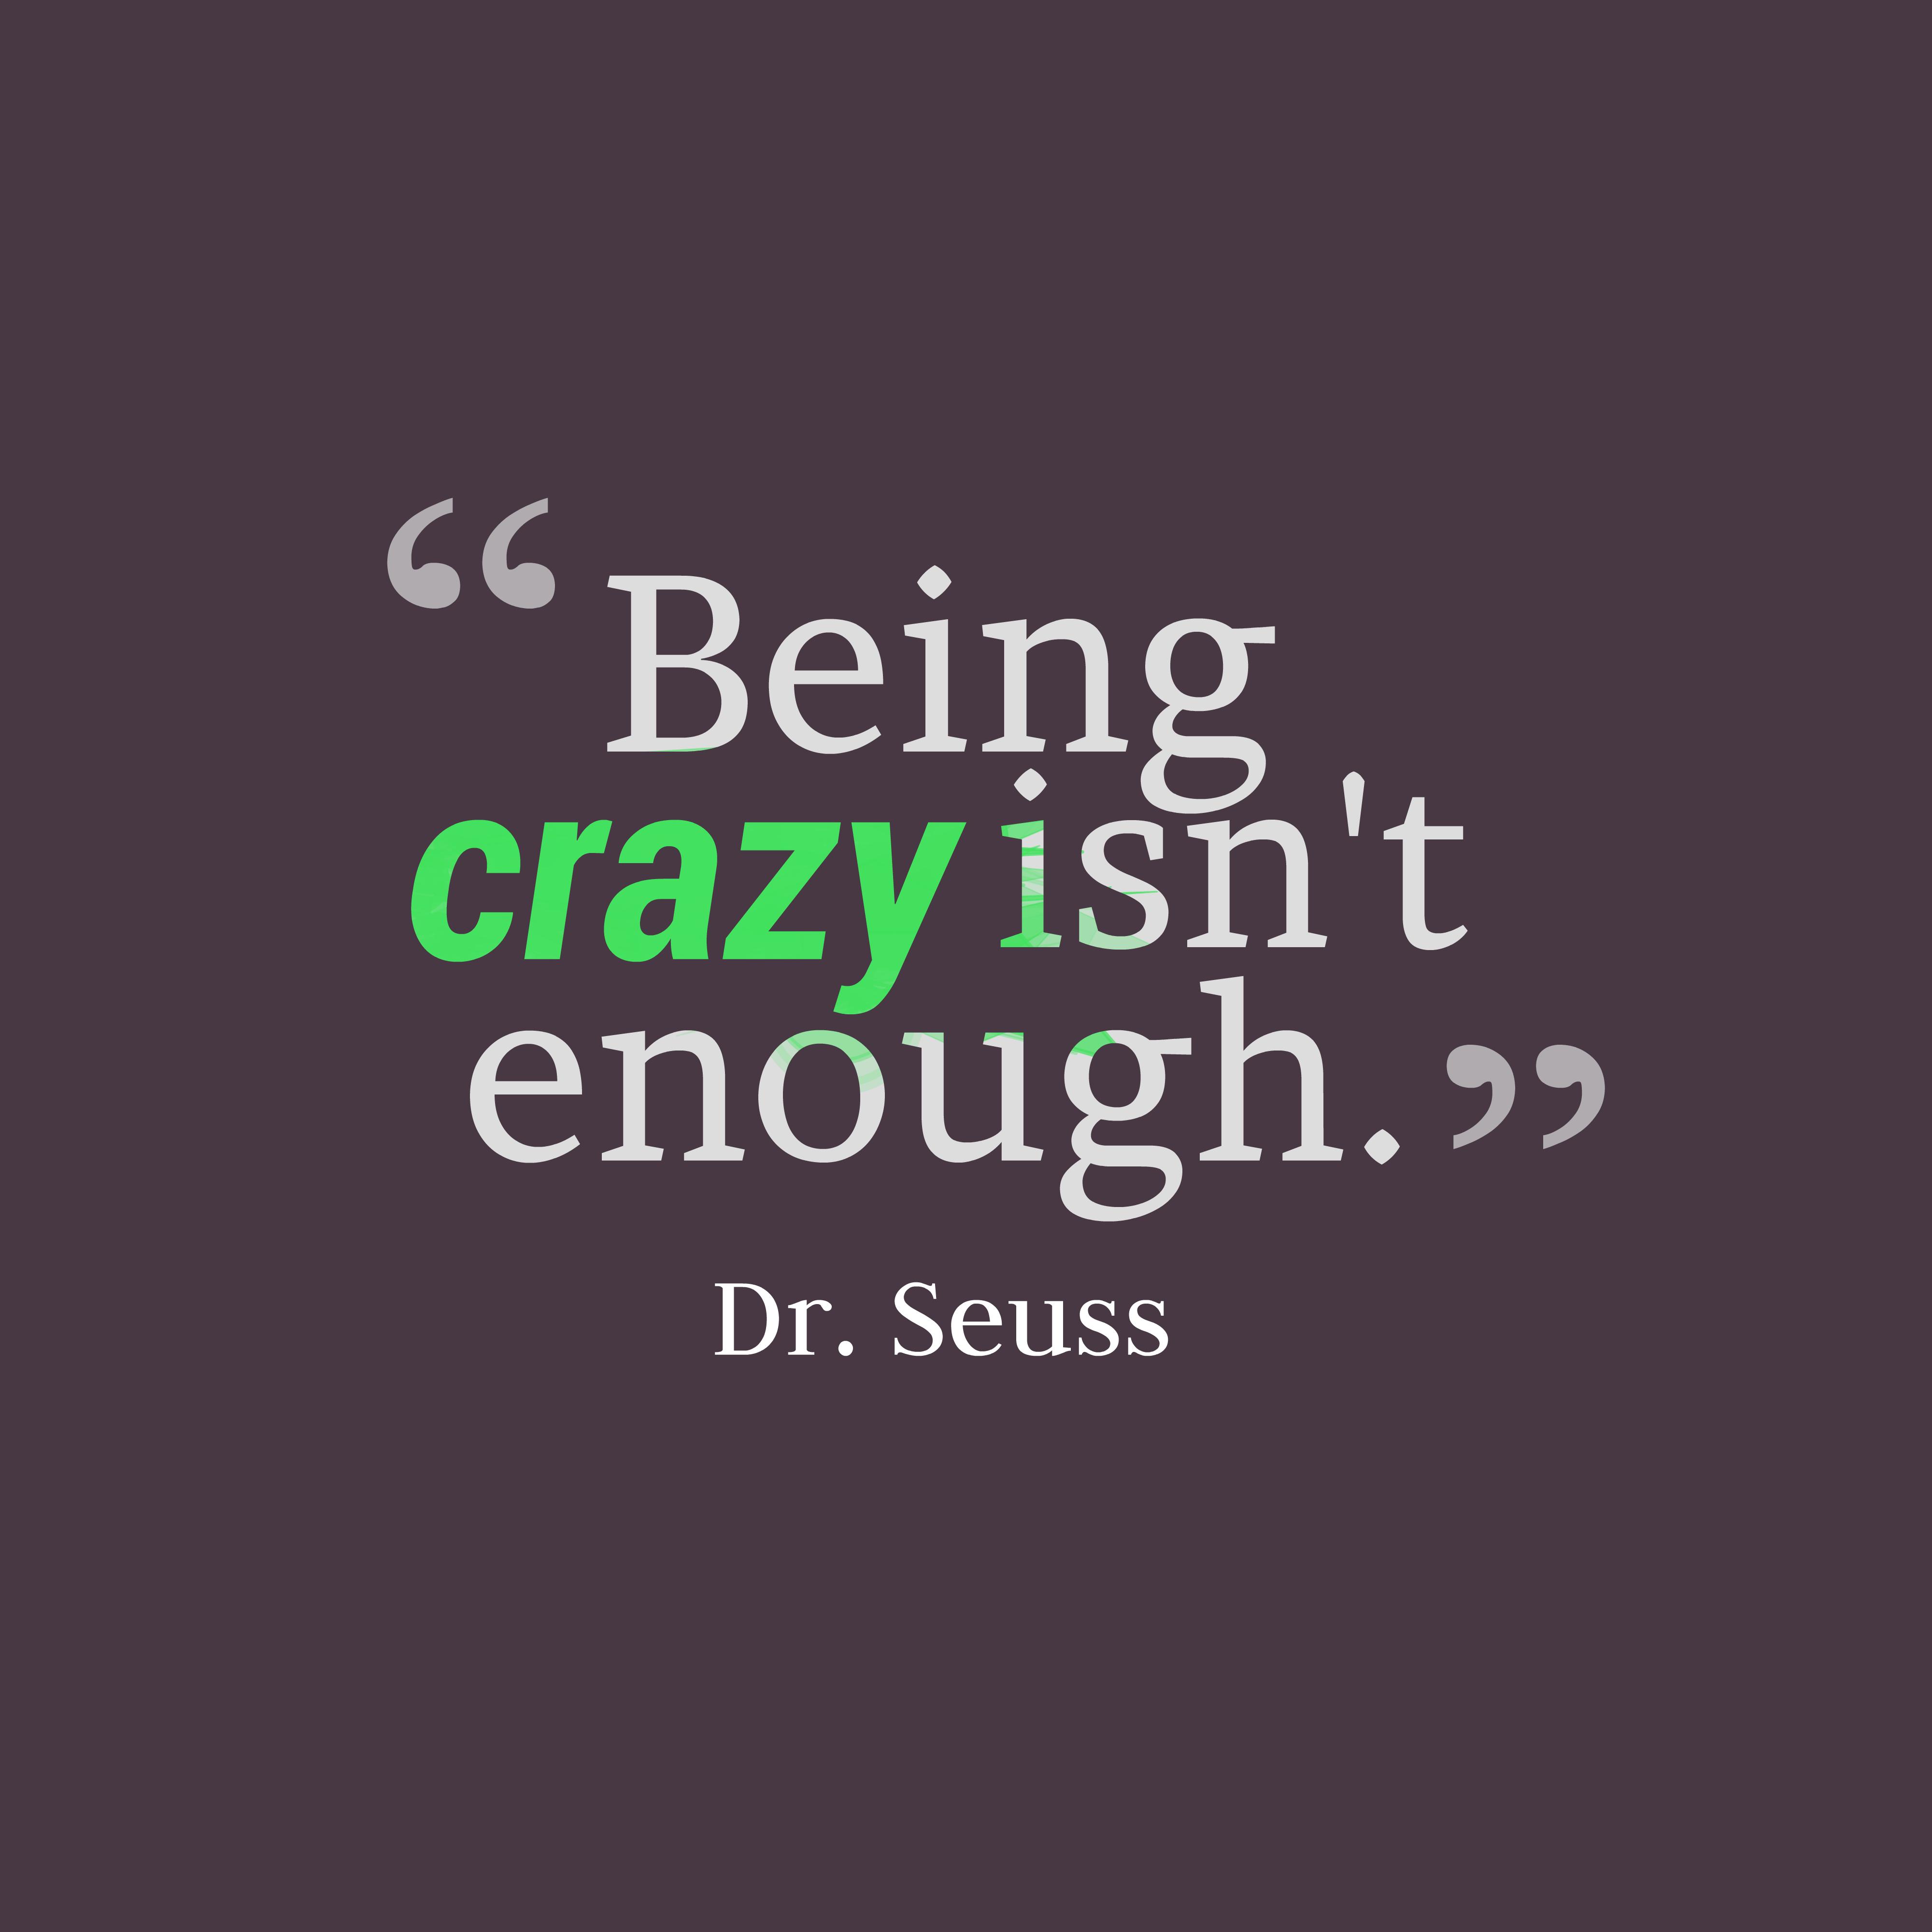 Dr. Seuss quote about enough.